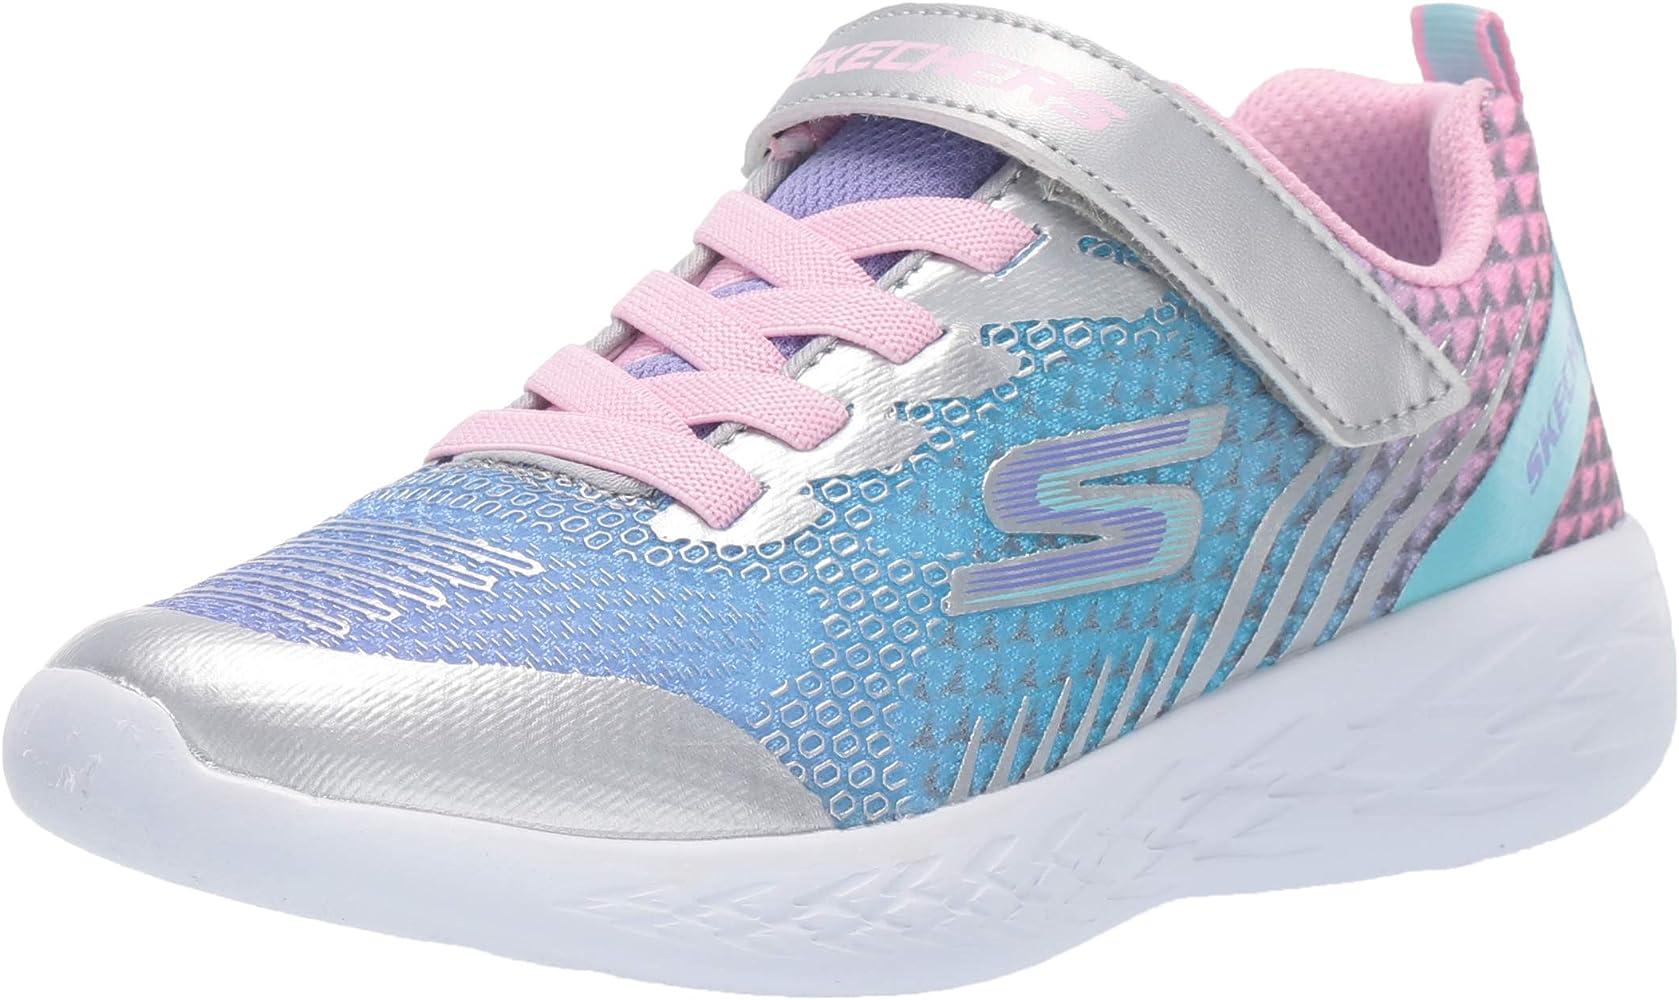 Zapatillas para niña, Color Language_Tag:es_US, Marca